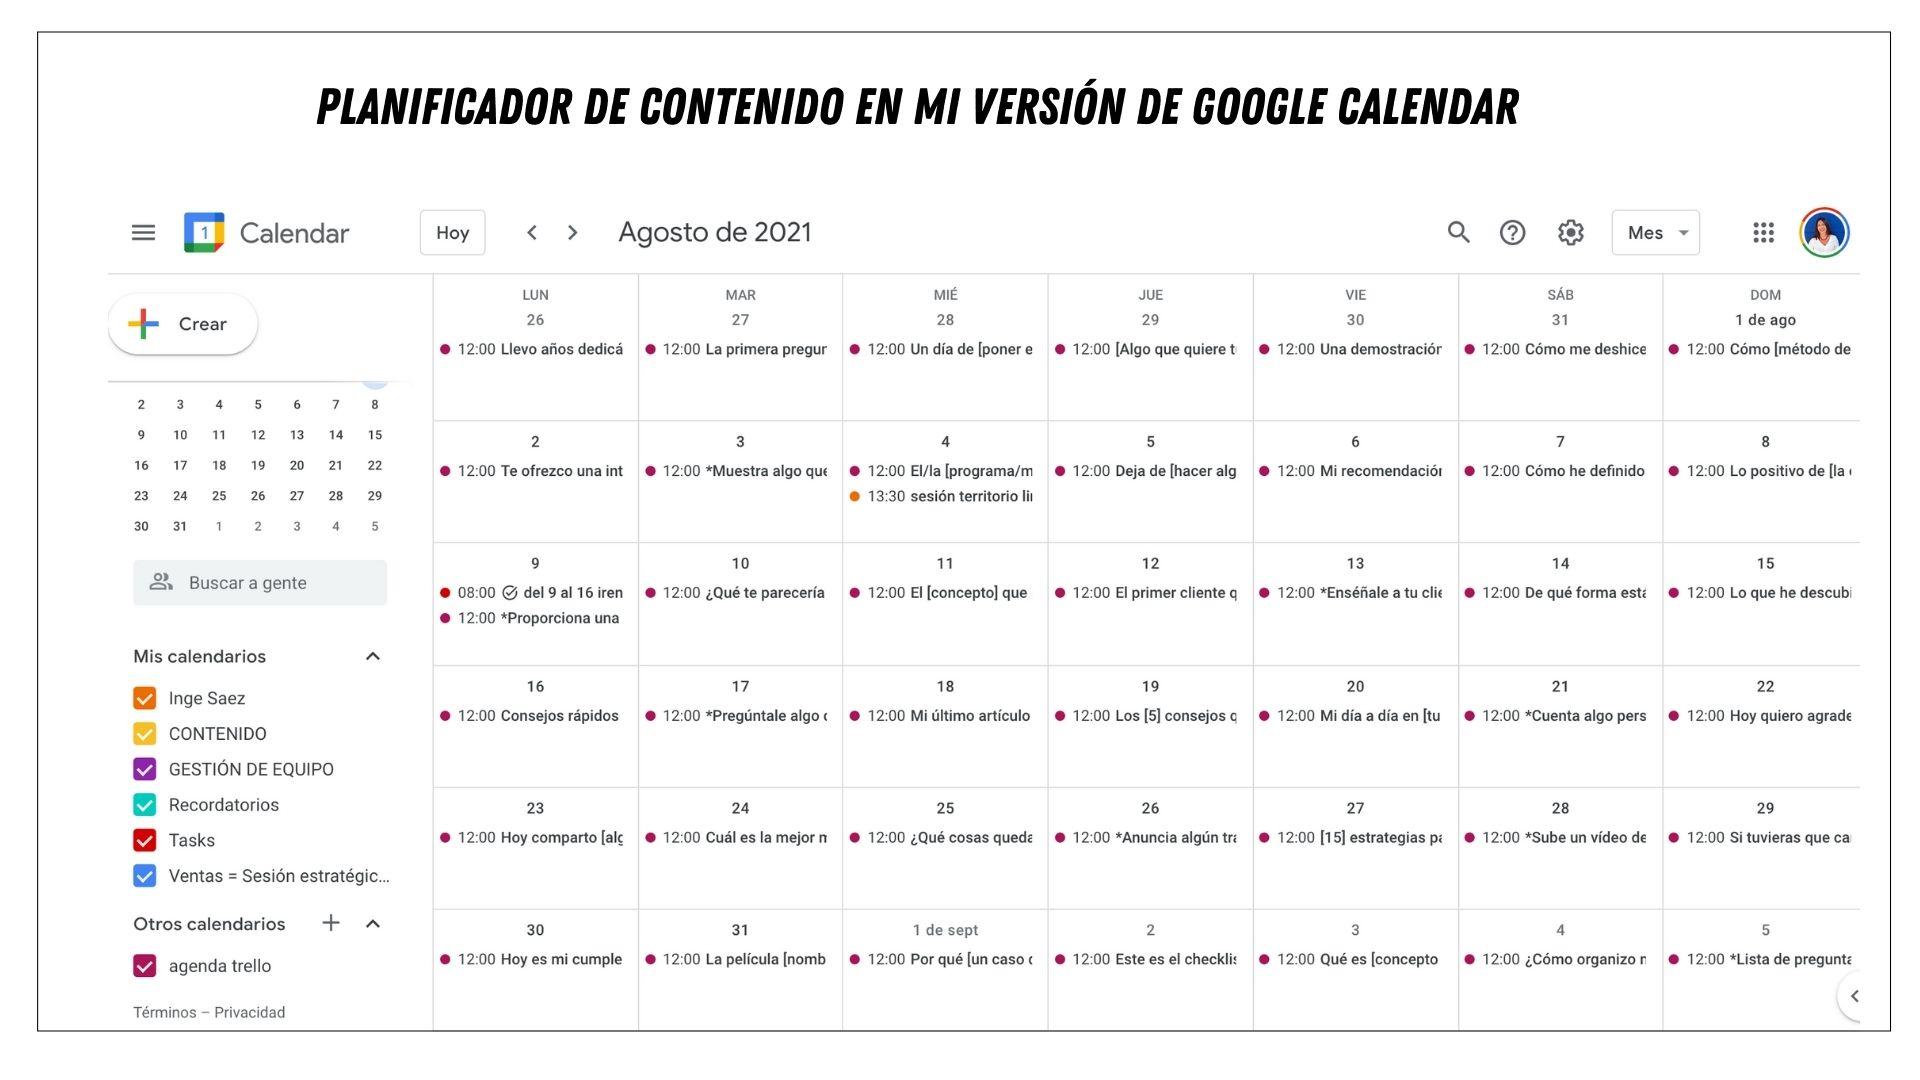 planificador contenido google calendar